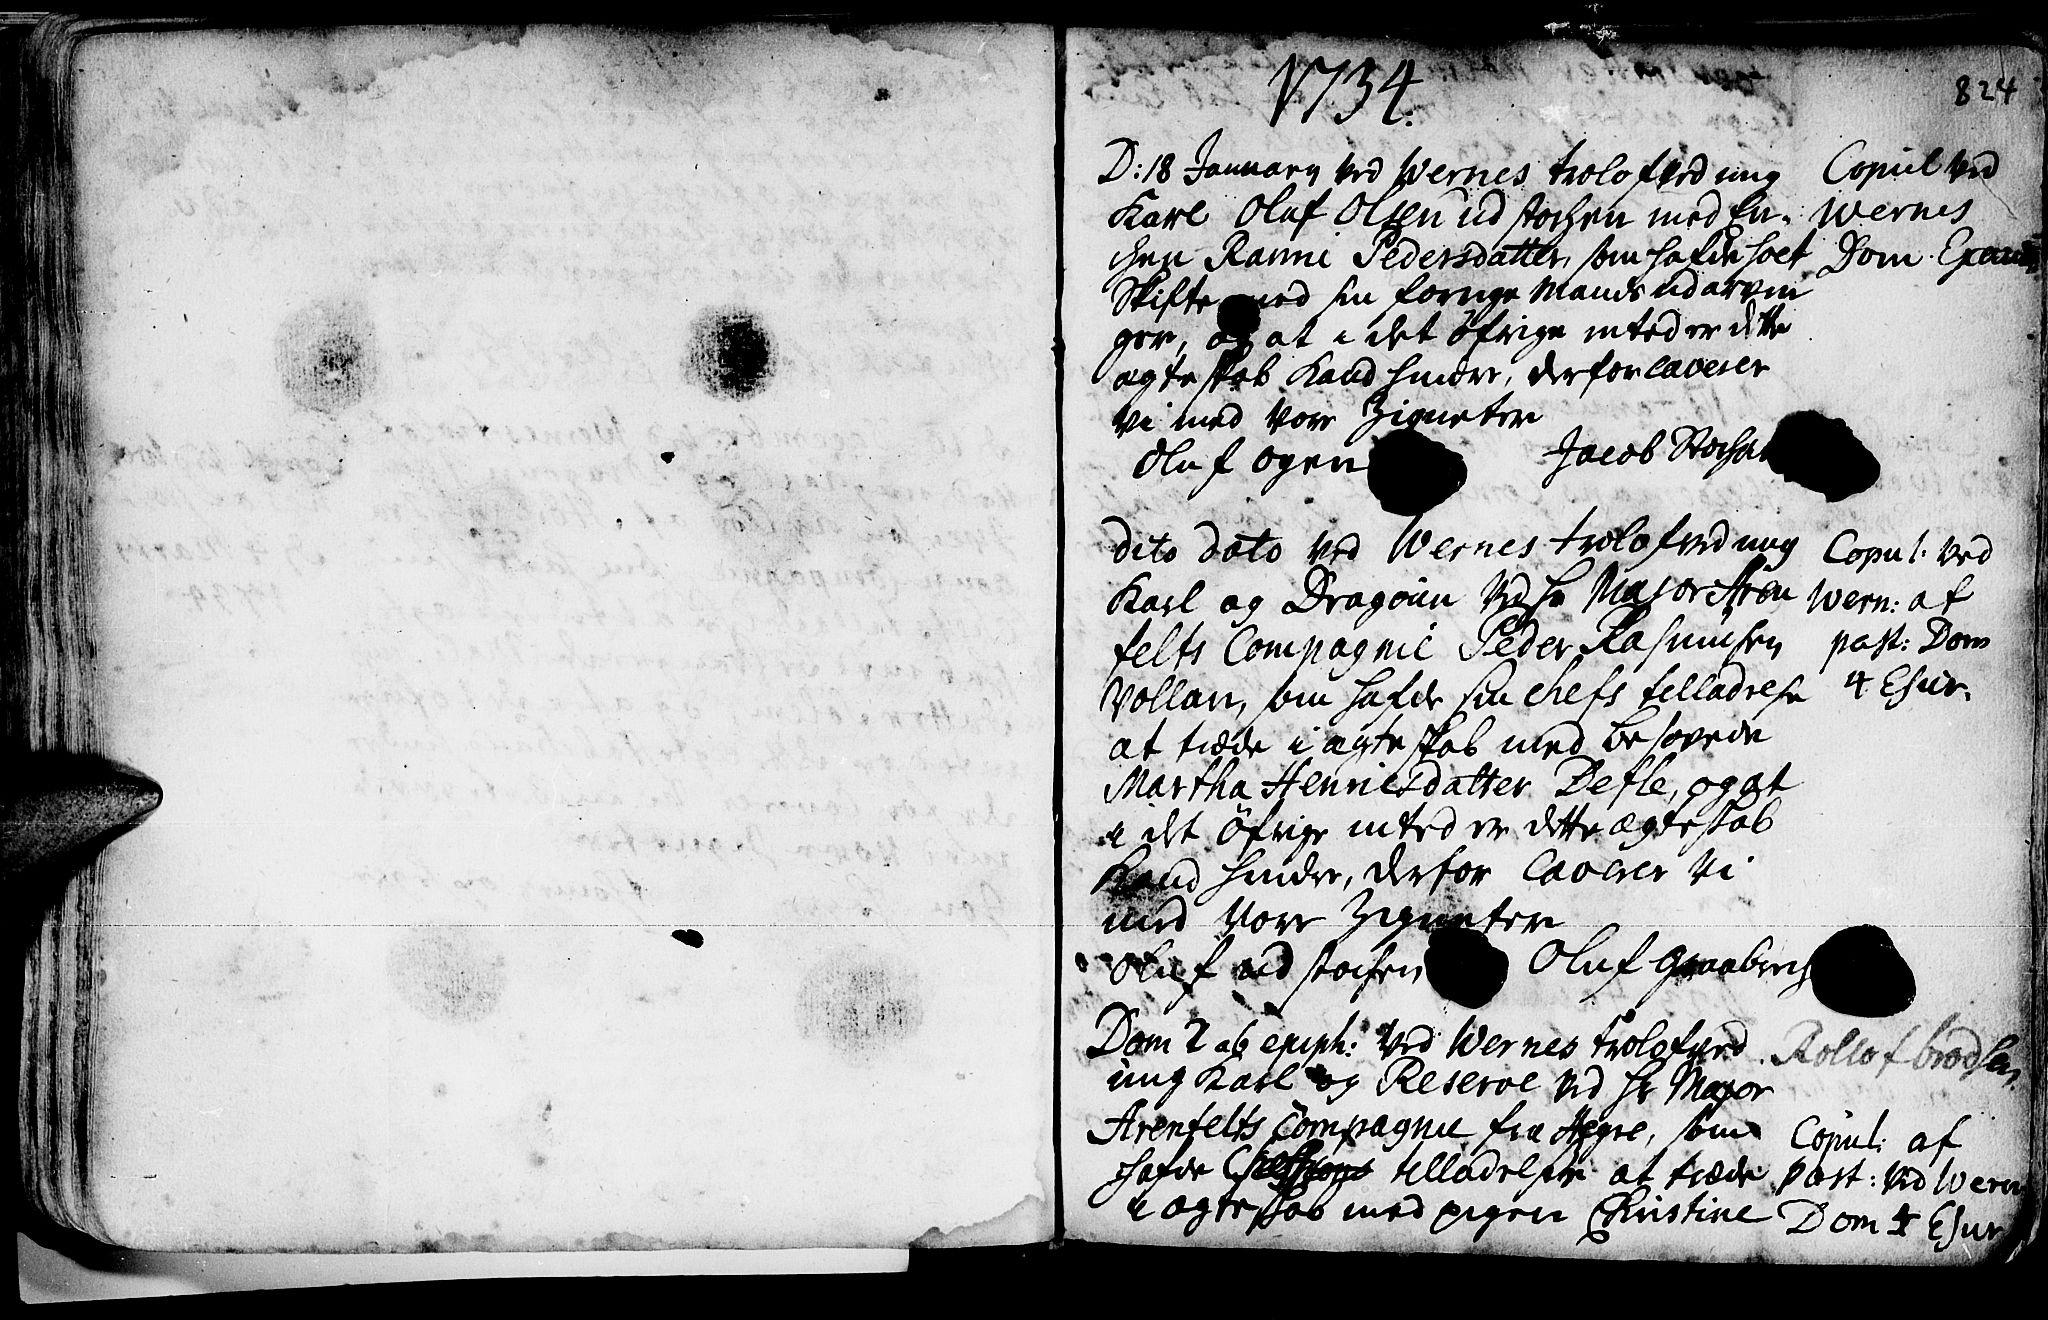 SAT, Ministerialprotokoller, klokkerbøker og fødselsregistre - Nord-Trøndelag, 709/L0055: Ministerialbok nr. 709A03, 1730-1739, s. 823-824